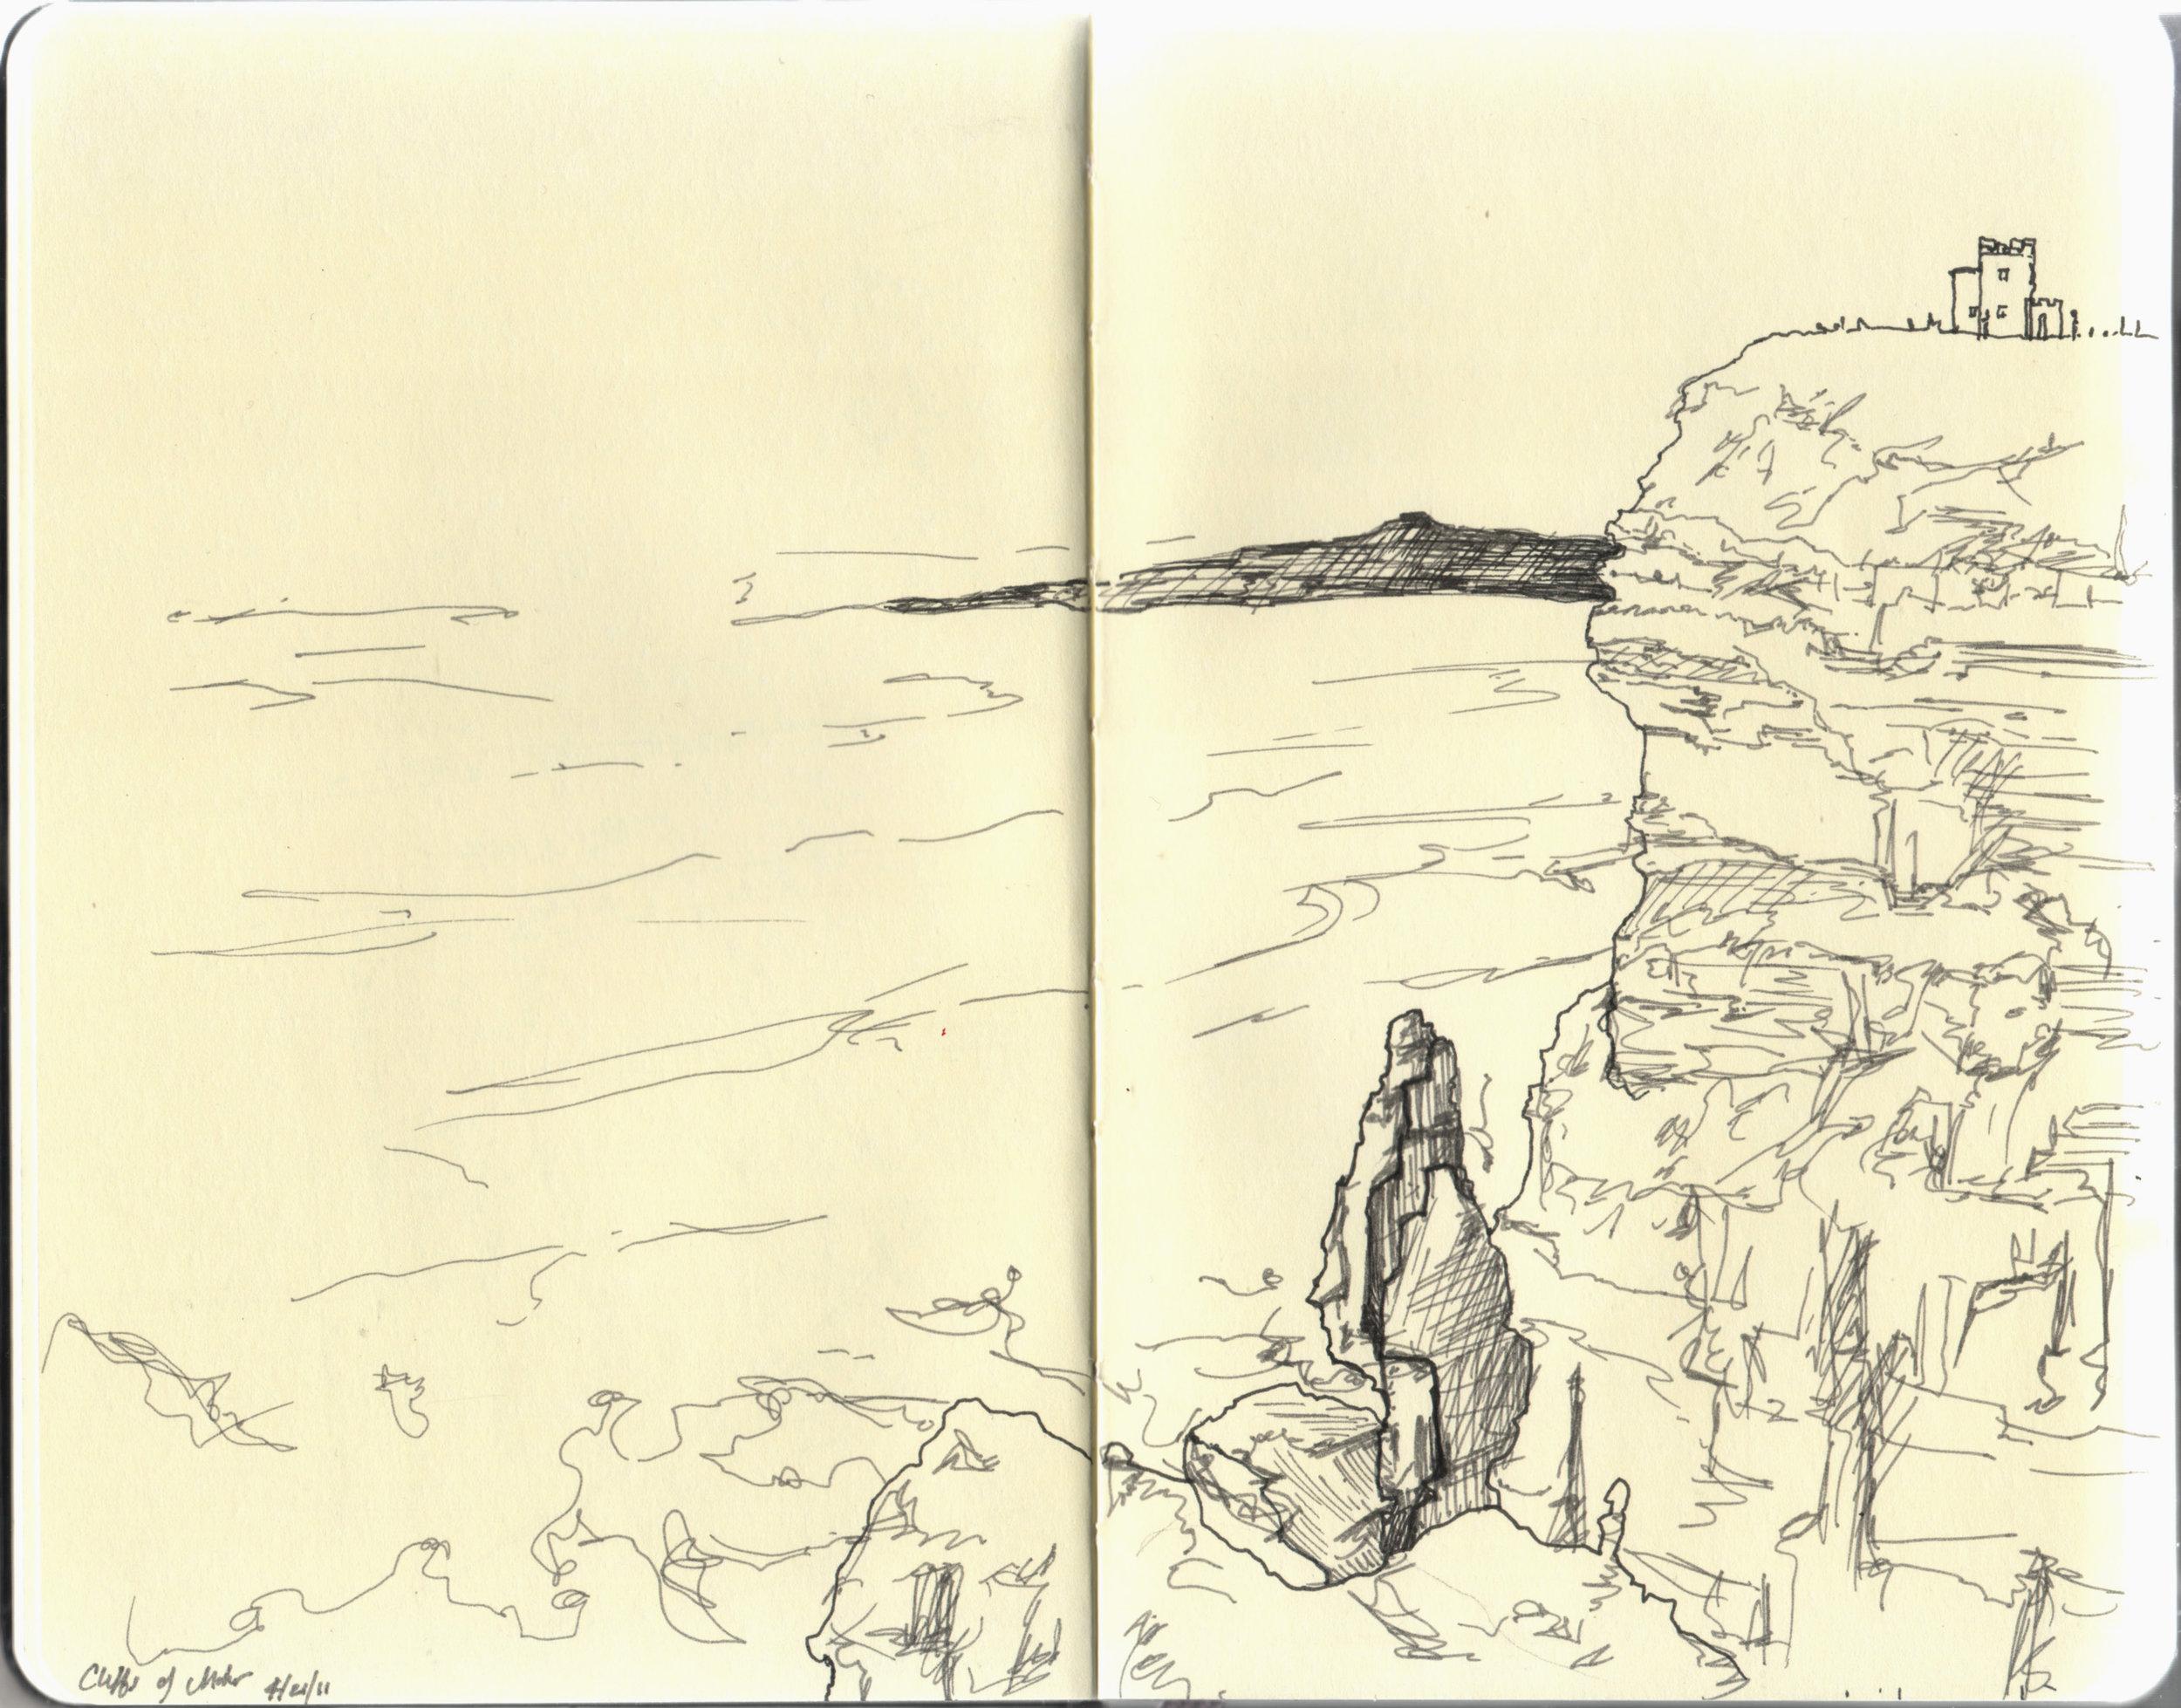 11.04.21.ireland.sketch.cliffsofmoher.jpg